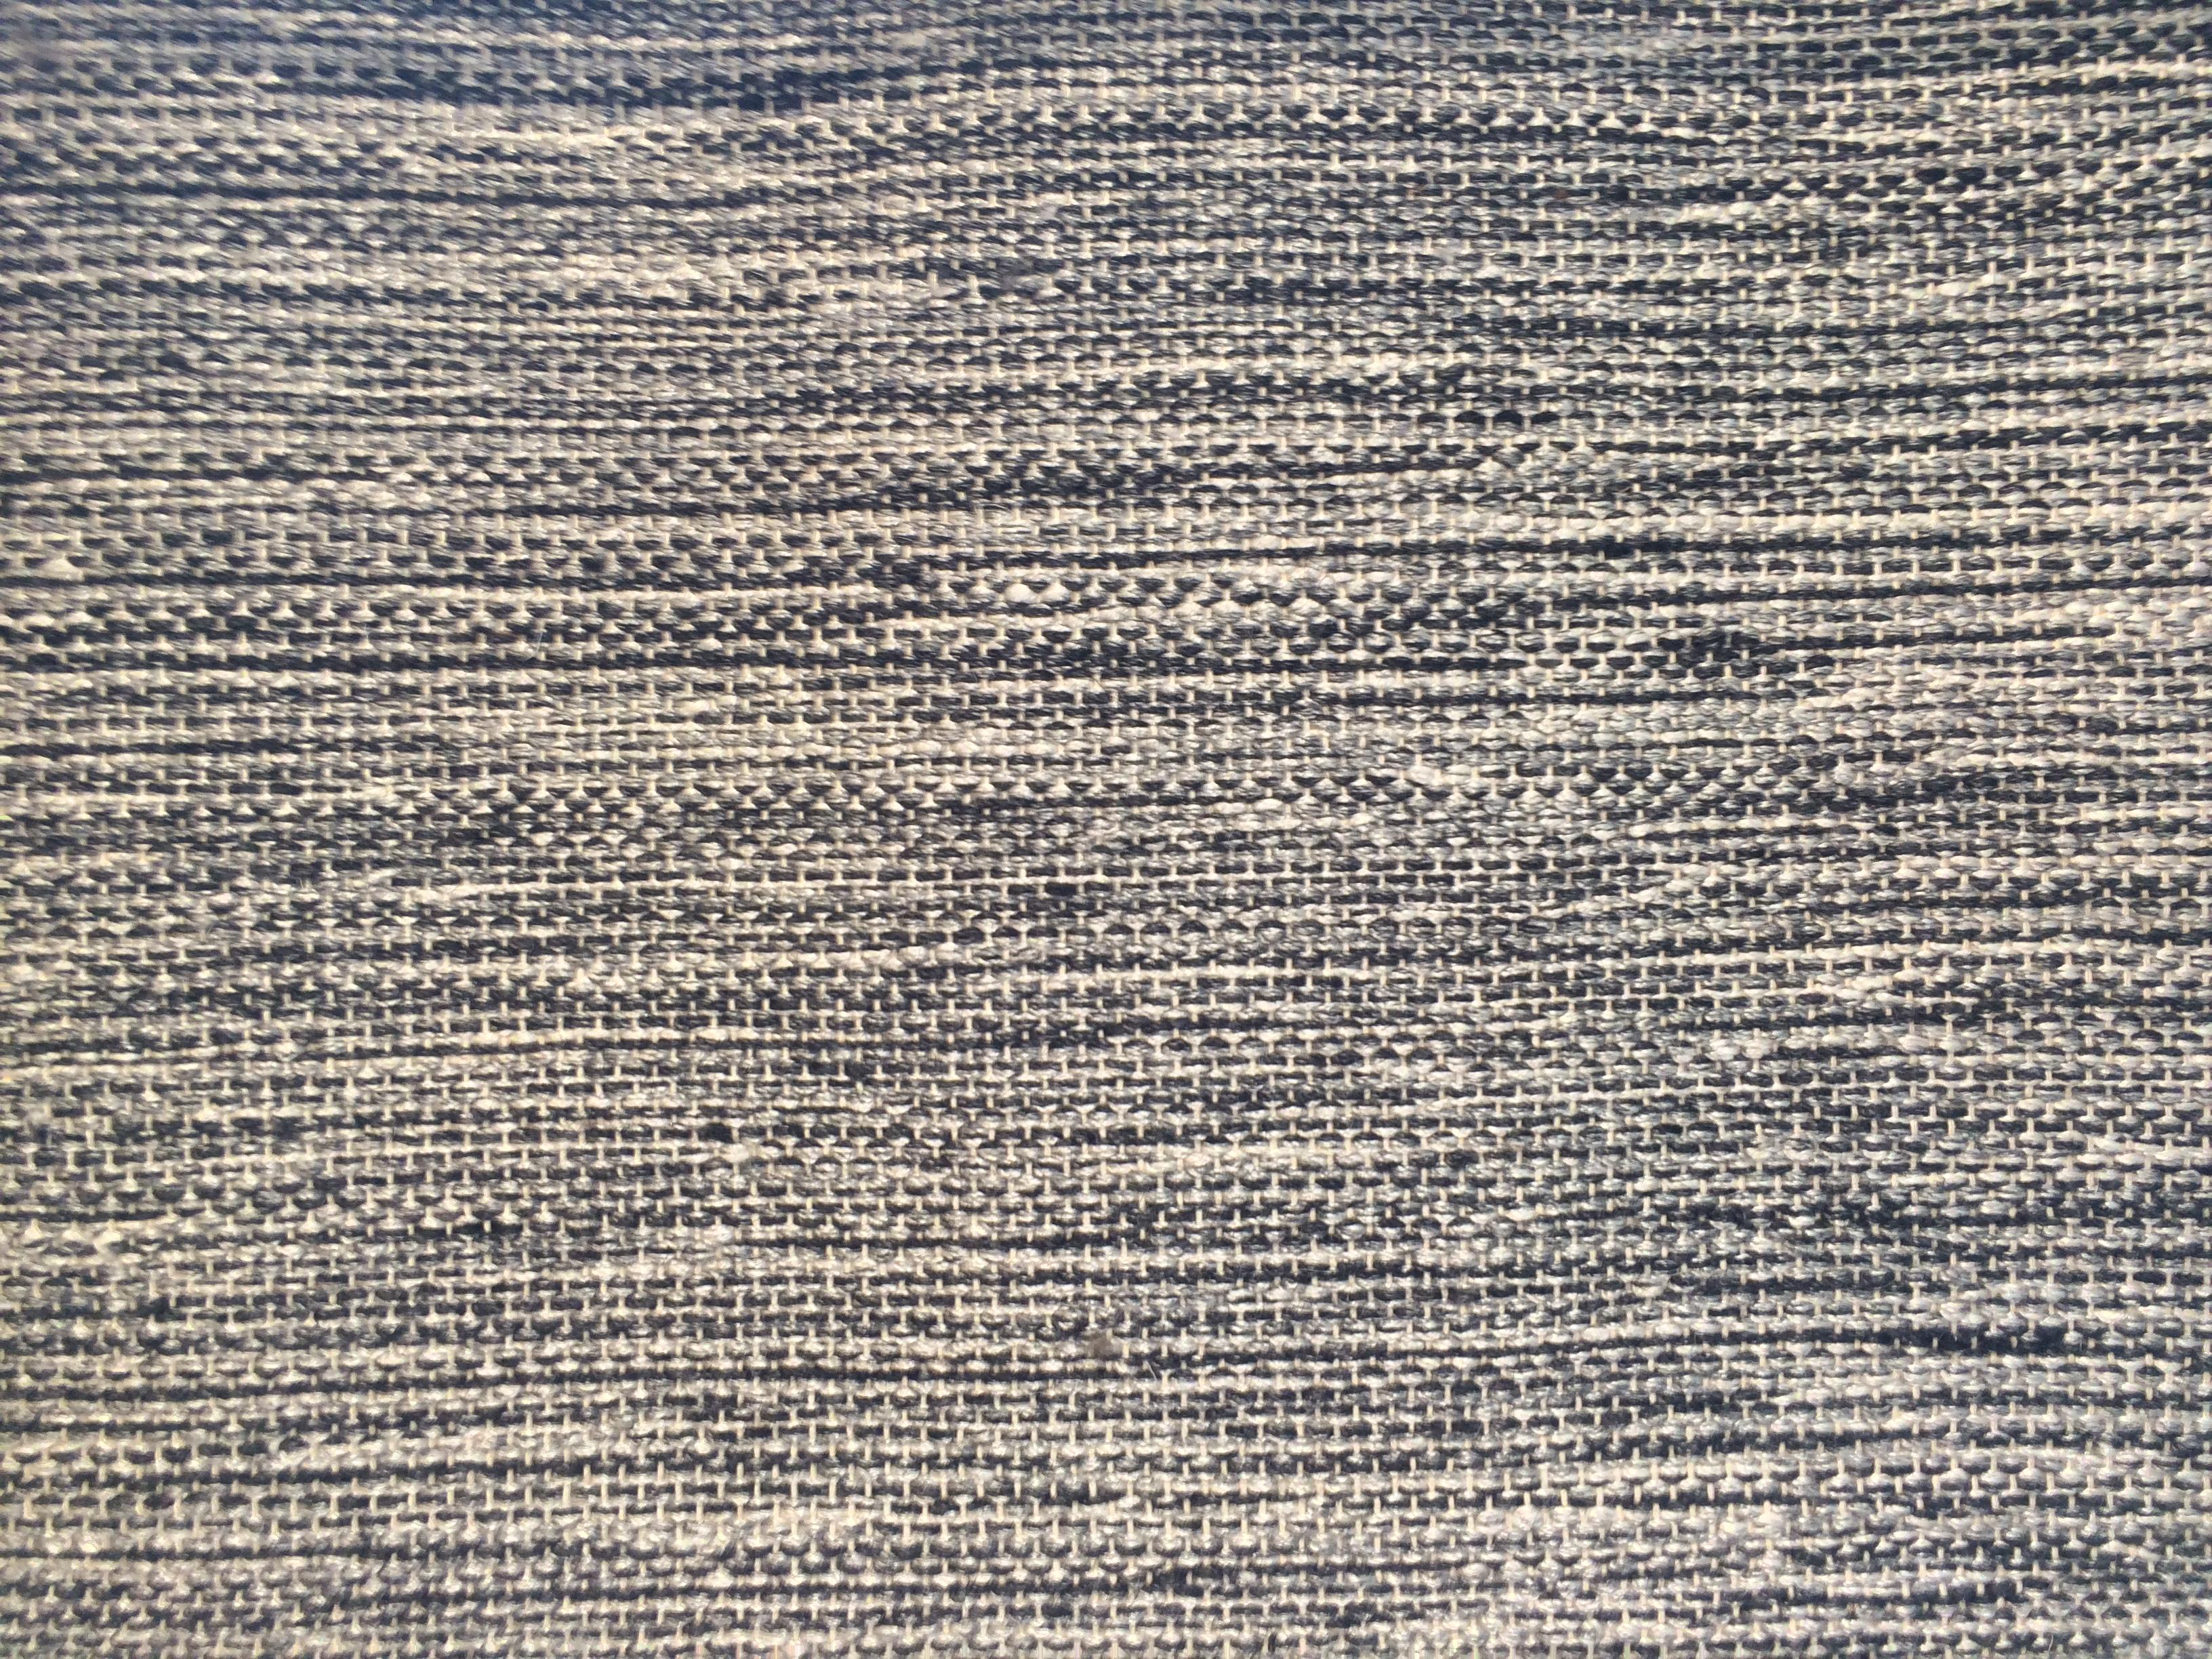 broadloom carpet img_2663 img_2671 ... QWSOHEJ